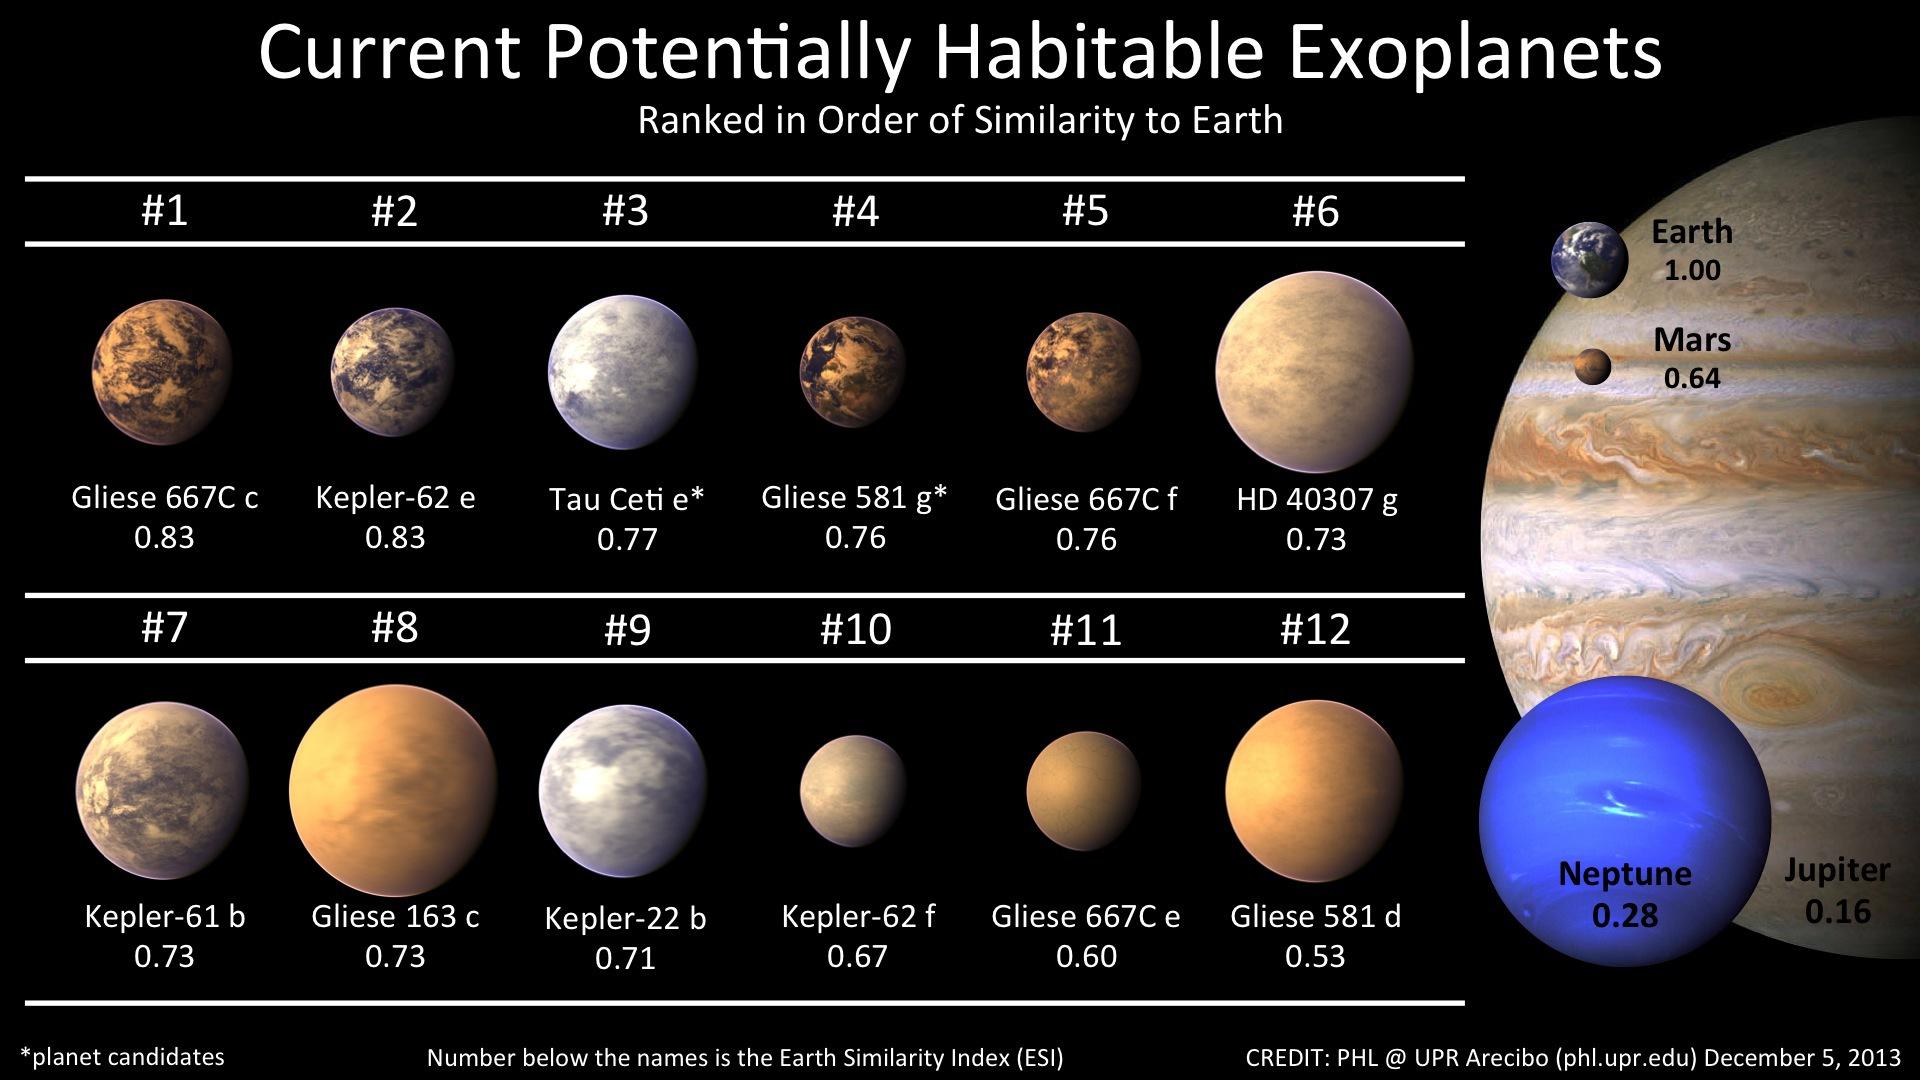 Главный инструмент экзопланетной астрономии сегодня — космическая обсерватория Kepler. На неё приходится львиная доля из двух с лишним тысяч достоверно обнаруженных планет в других звёздных системах. Вот, кстати, каталог (постоянно обновляемый) самых вероятных кандидатов на иноземную жизнь.